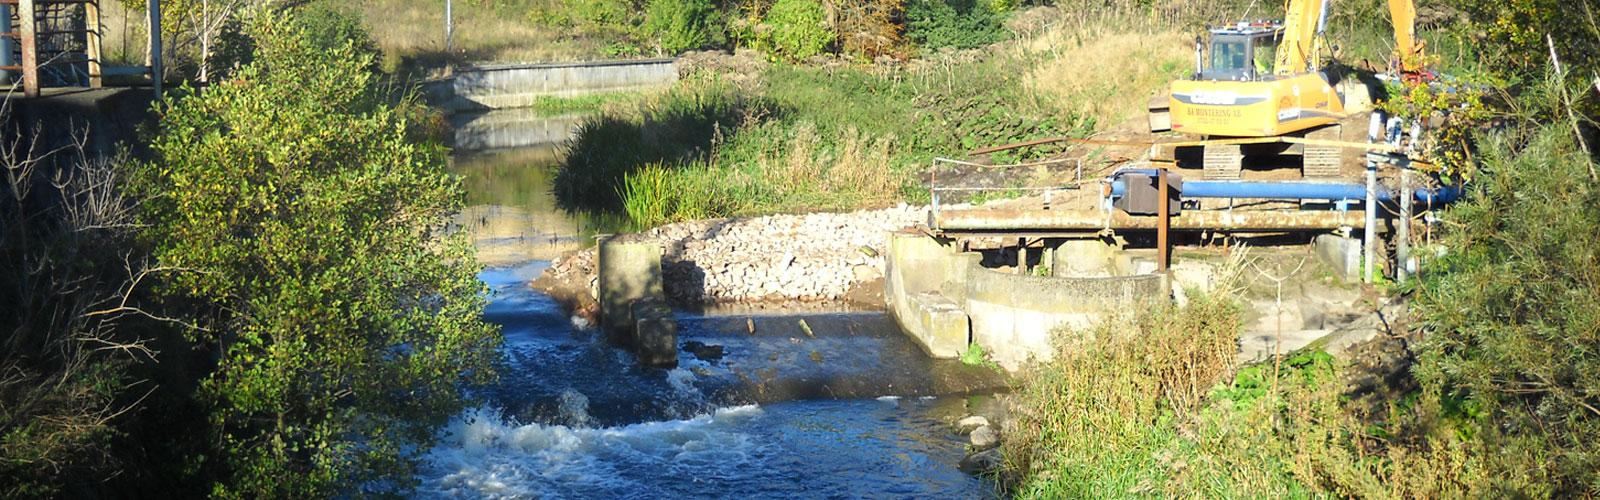 Utrivning av dammen påbörjas